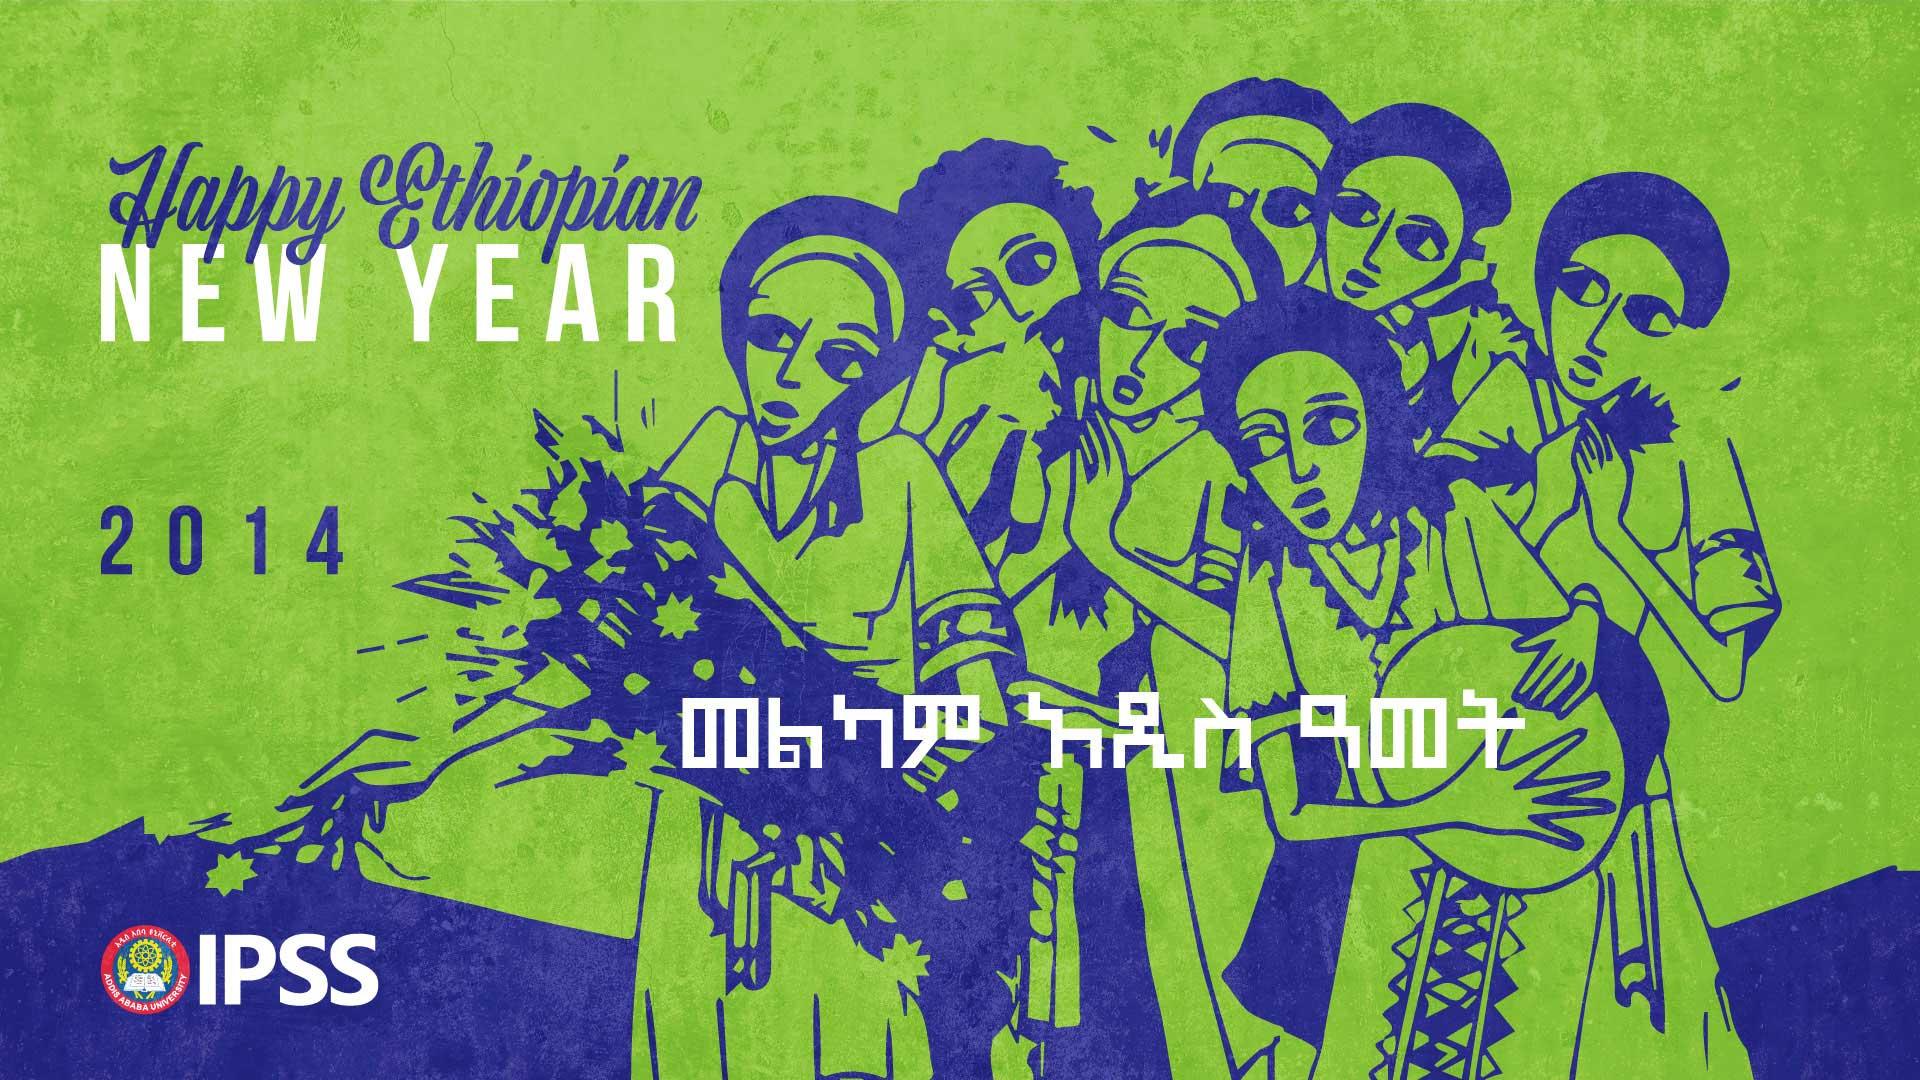 Happy Ethiopian New Year, 2014